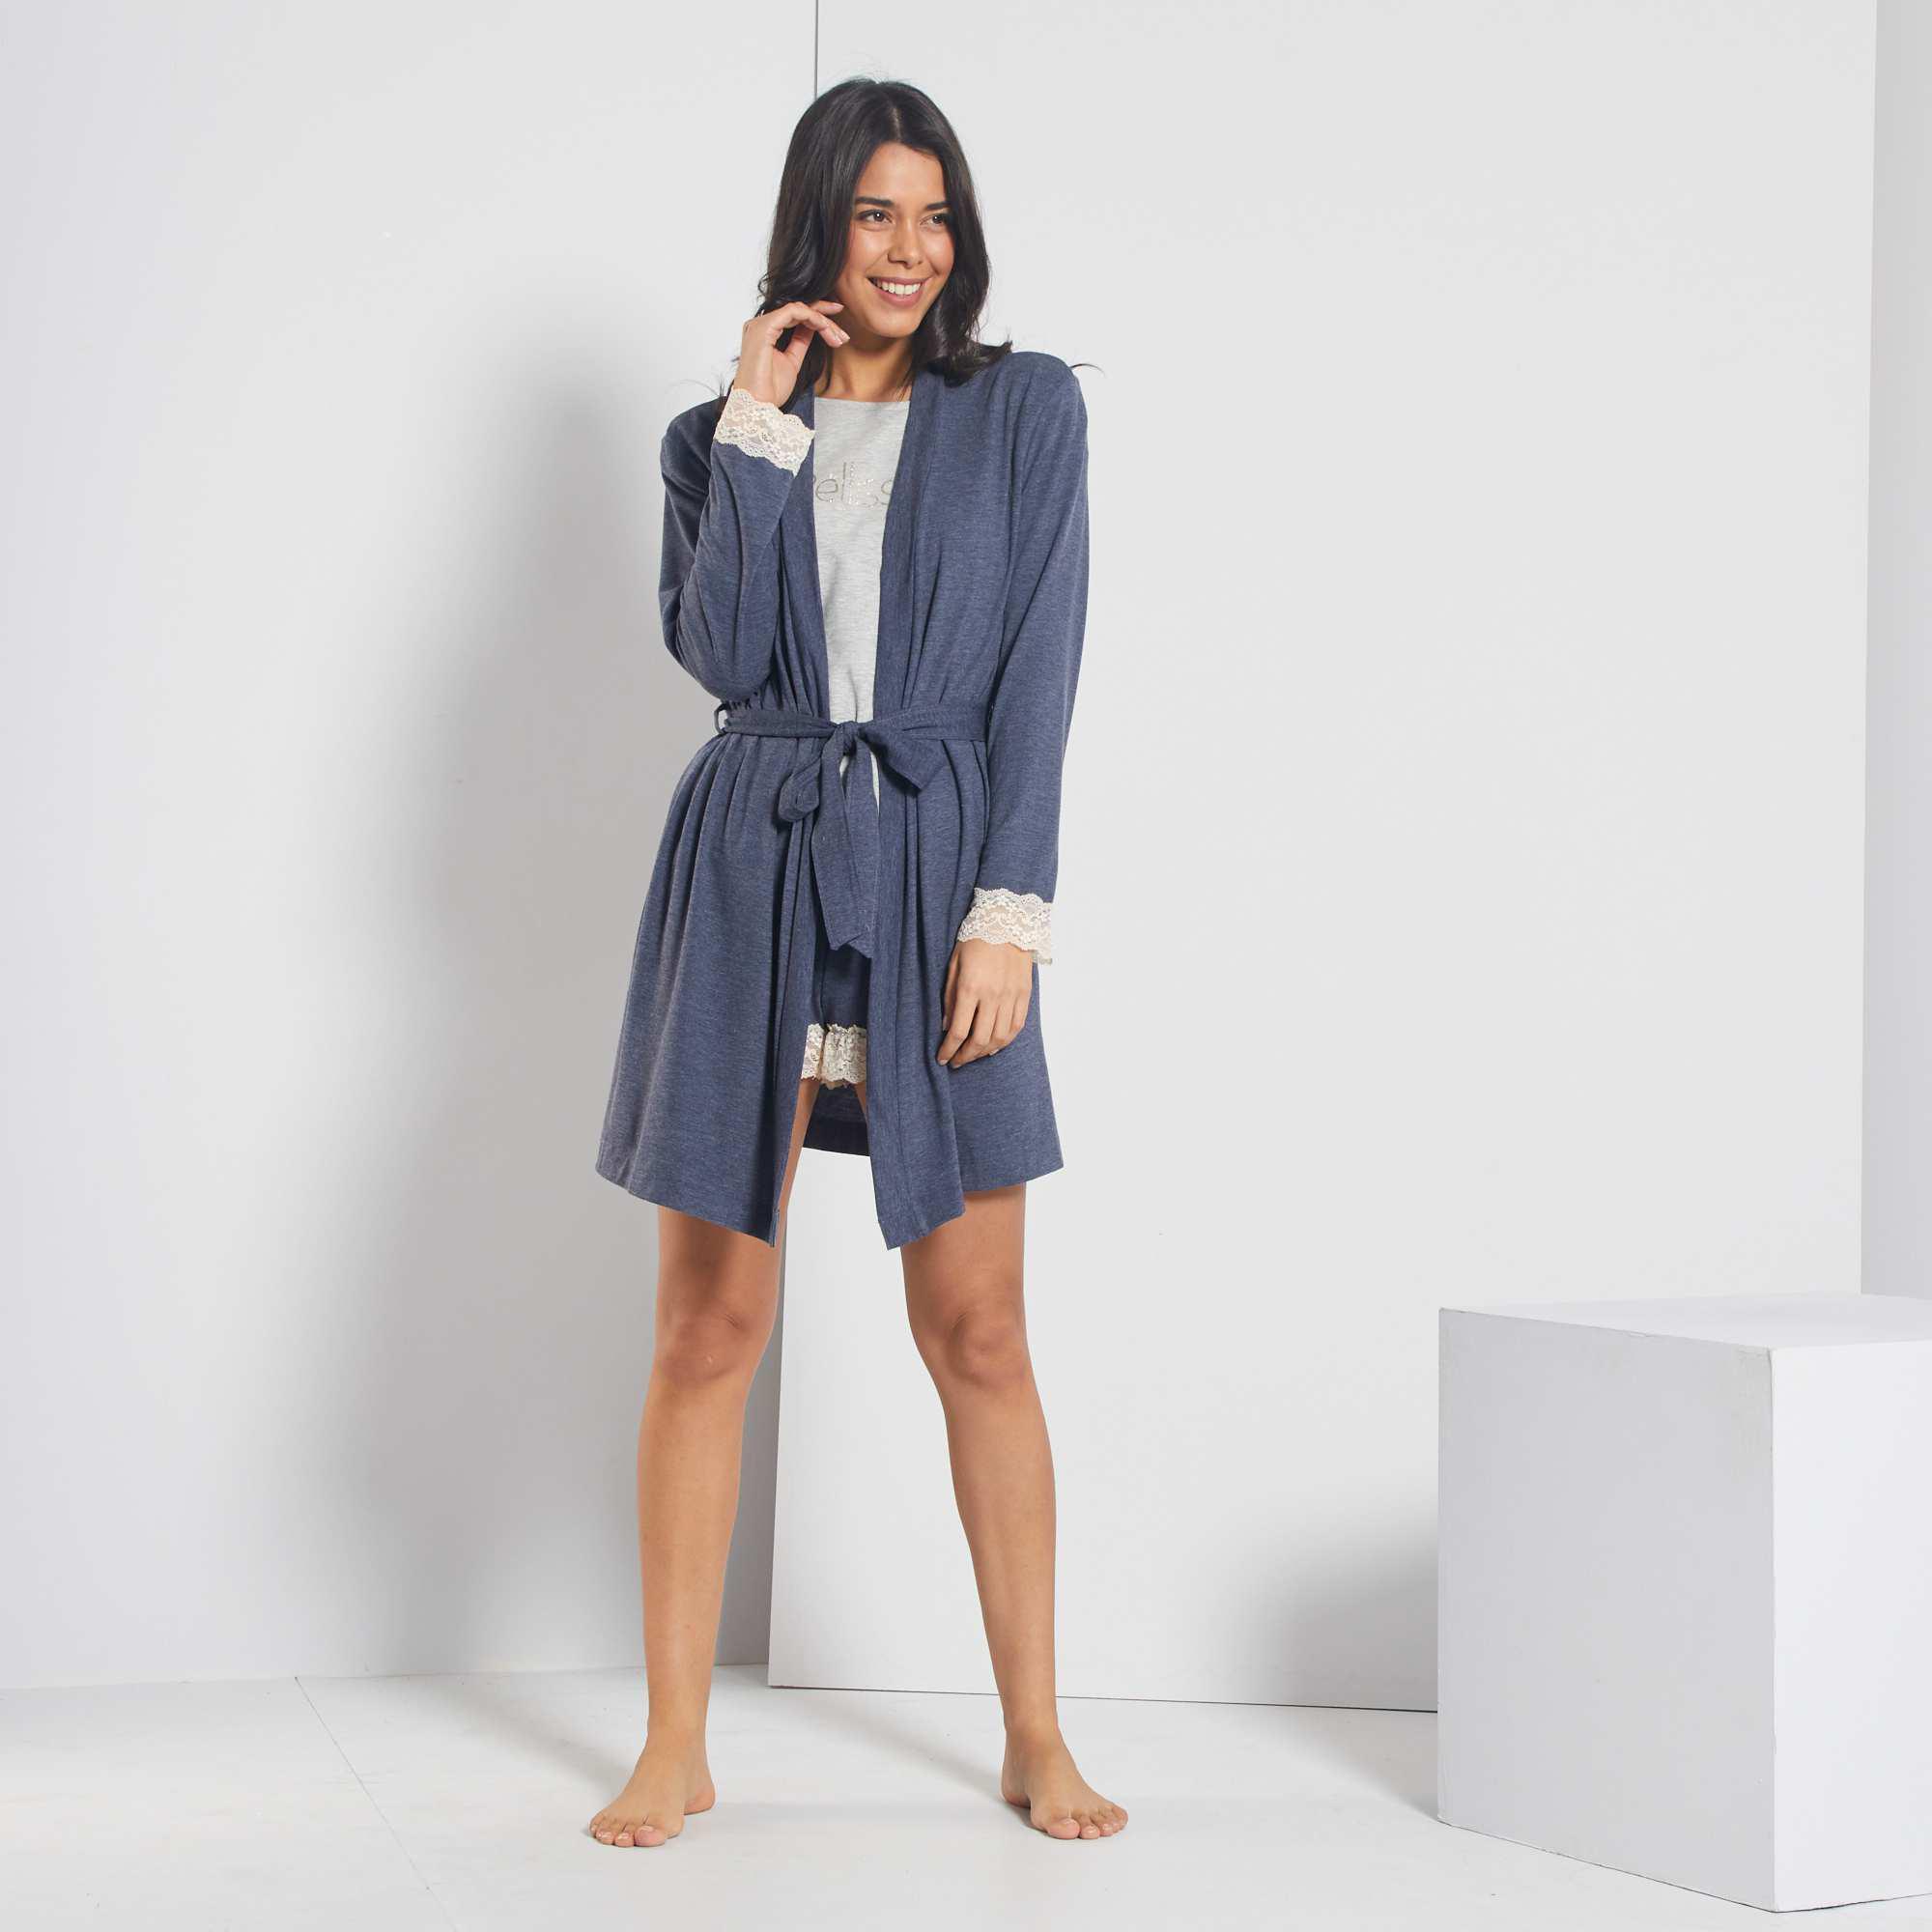 Peignoir ⋆ Pas Cher Femme Lingerie, Vêtements Boutique ⋆ Oyoulive